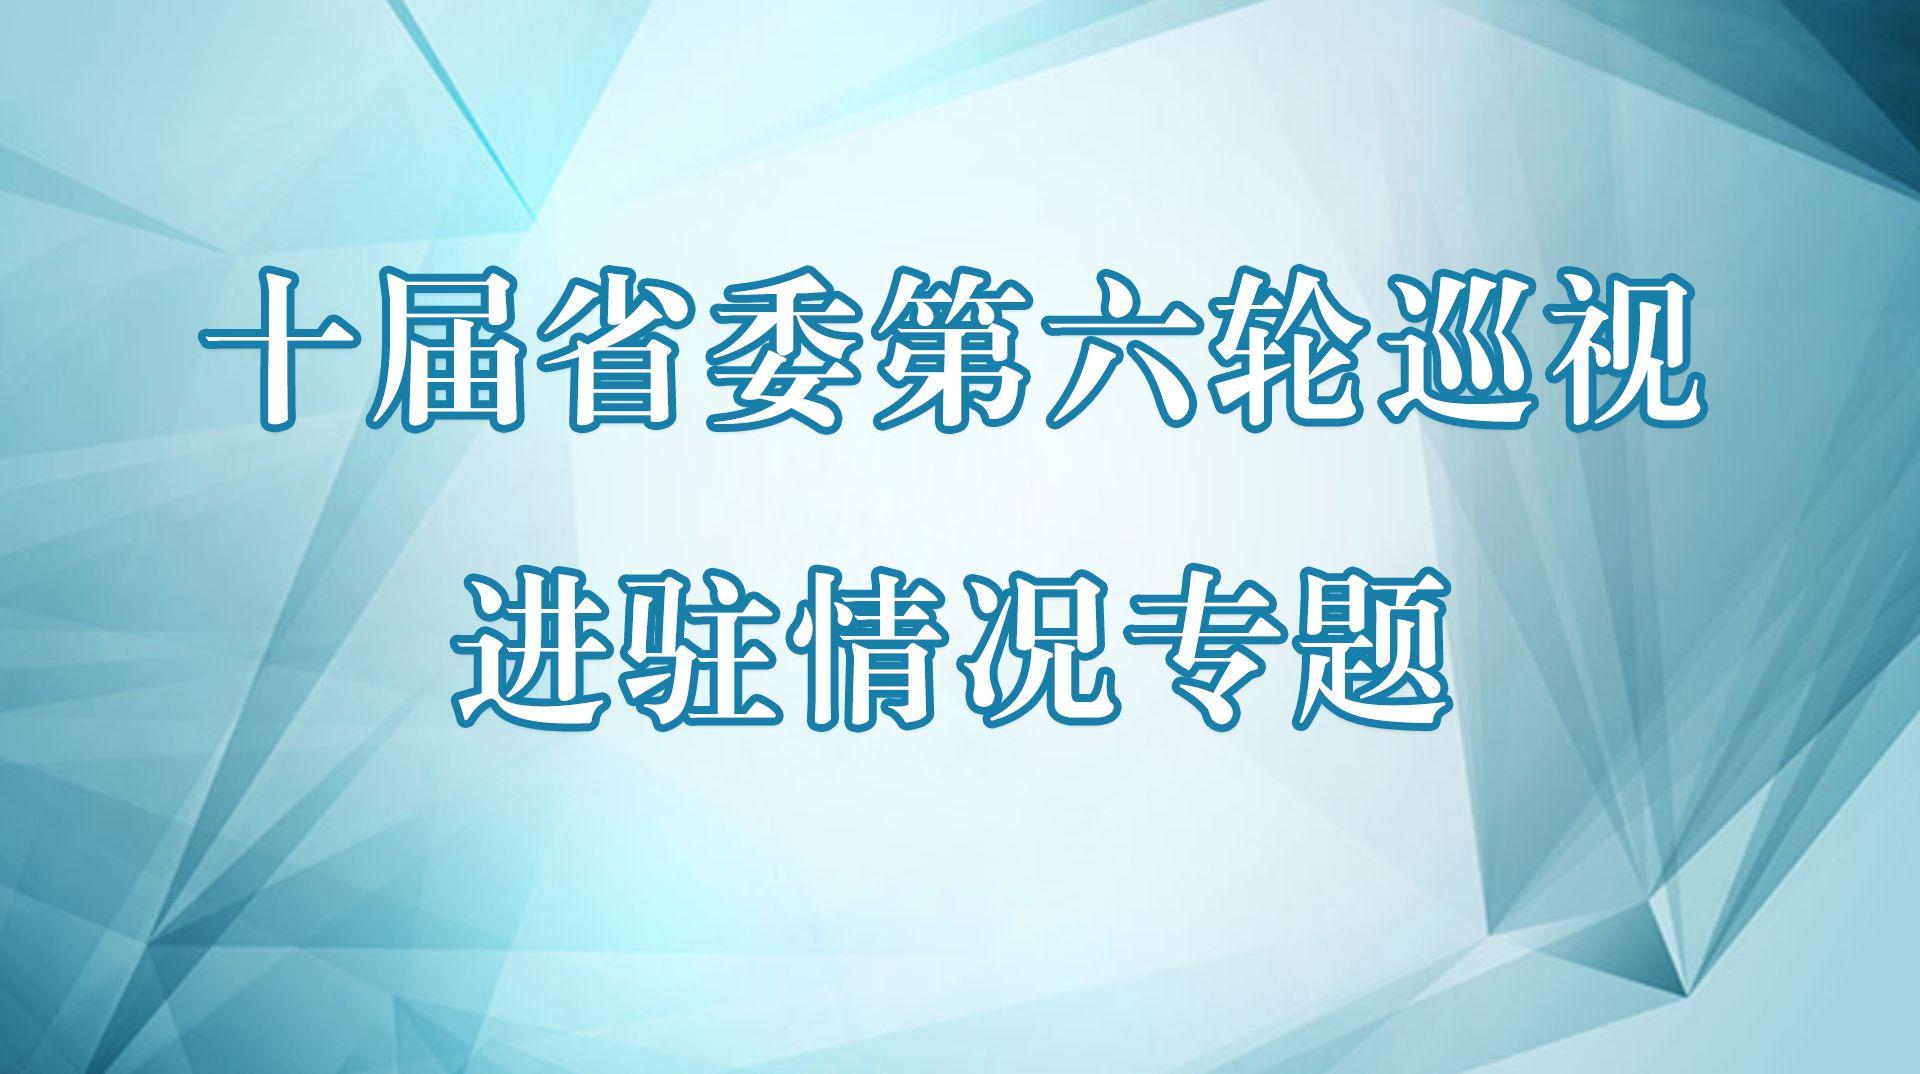 十届省委第六轮巡视进驻情况专题